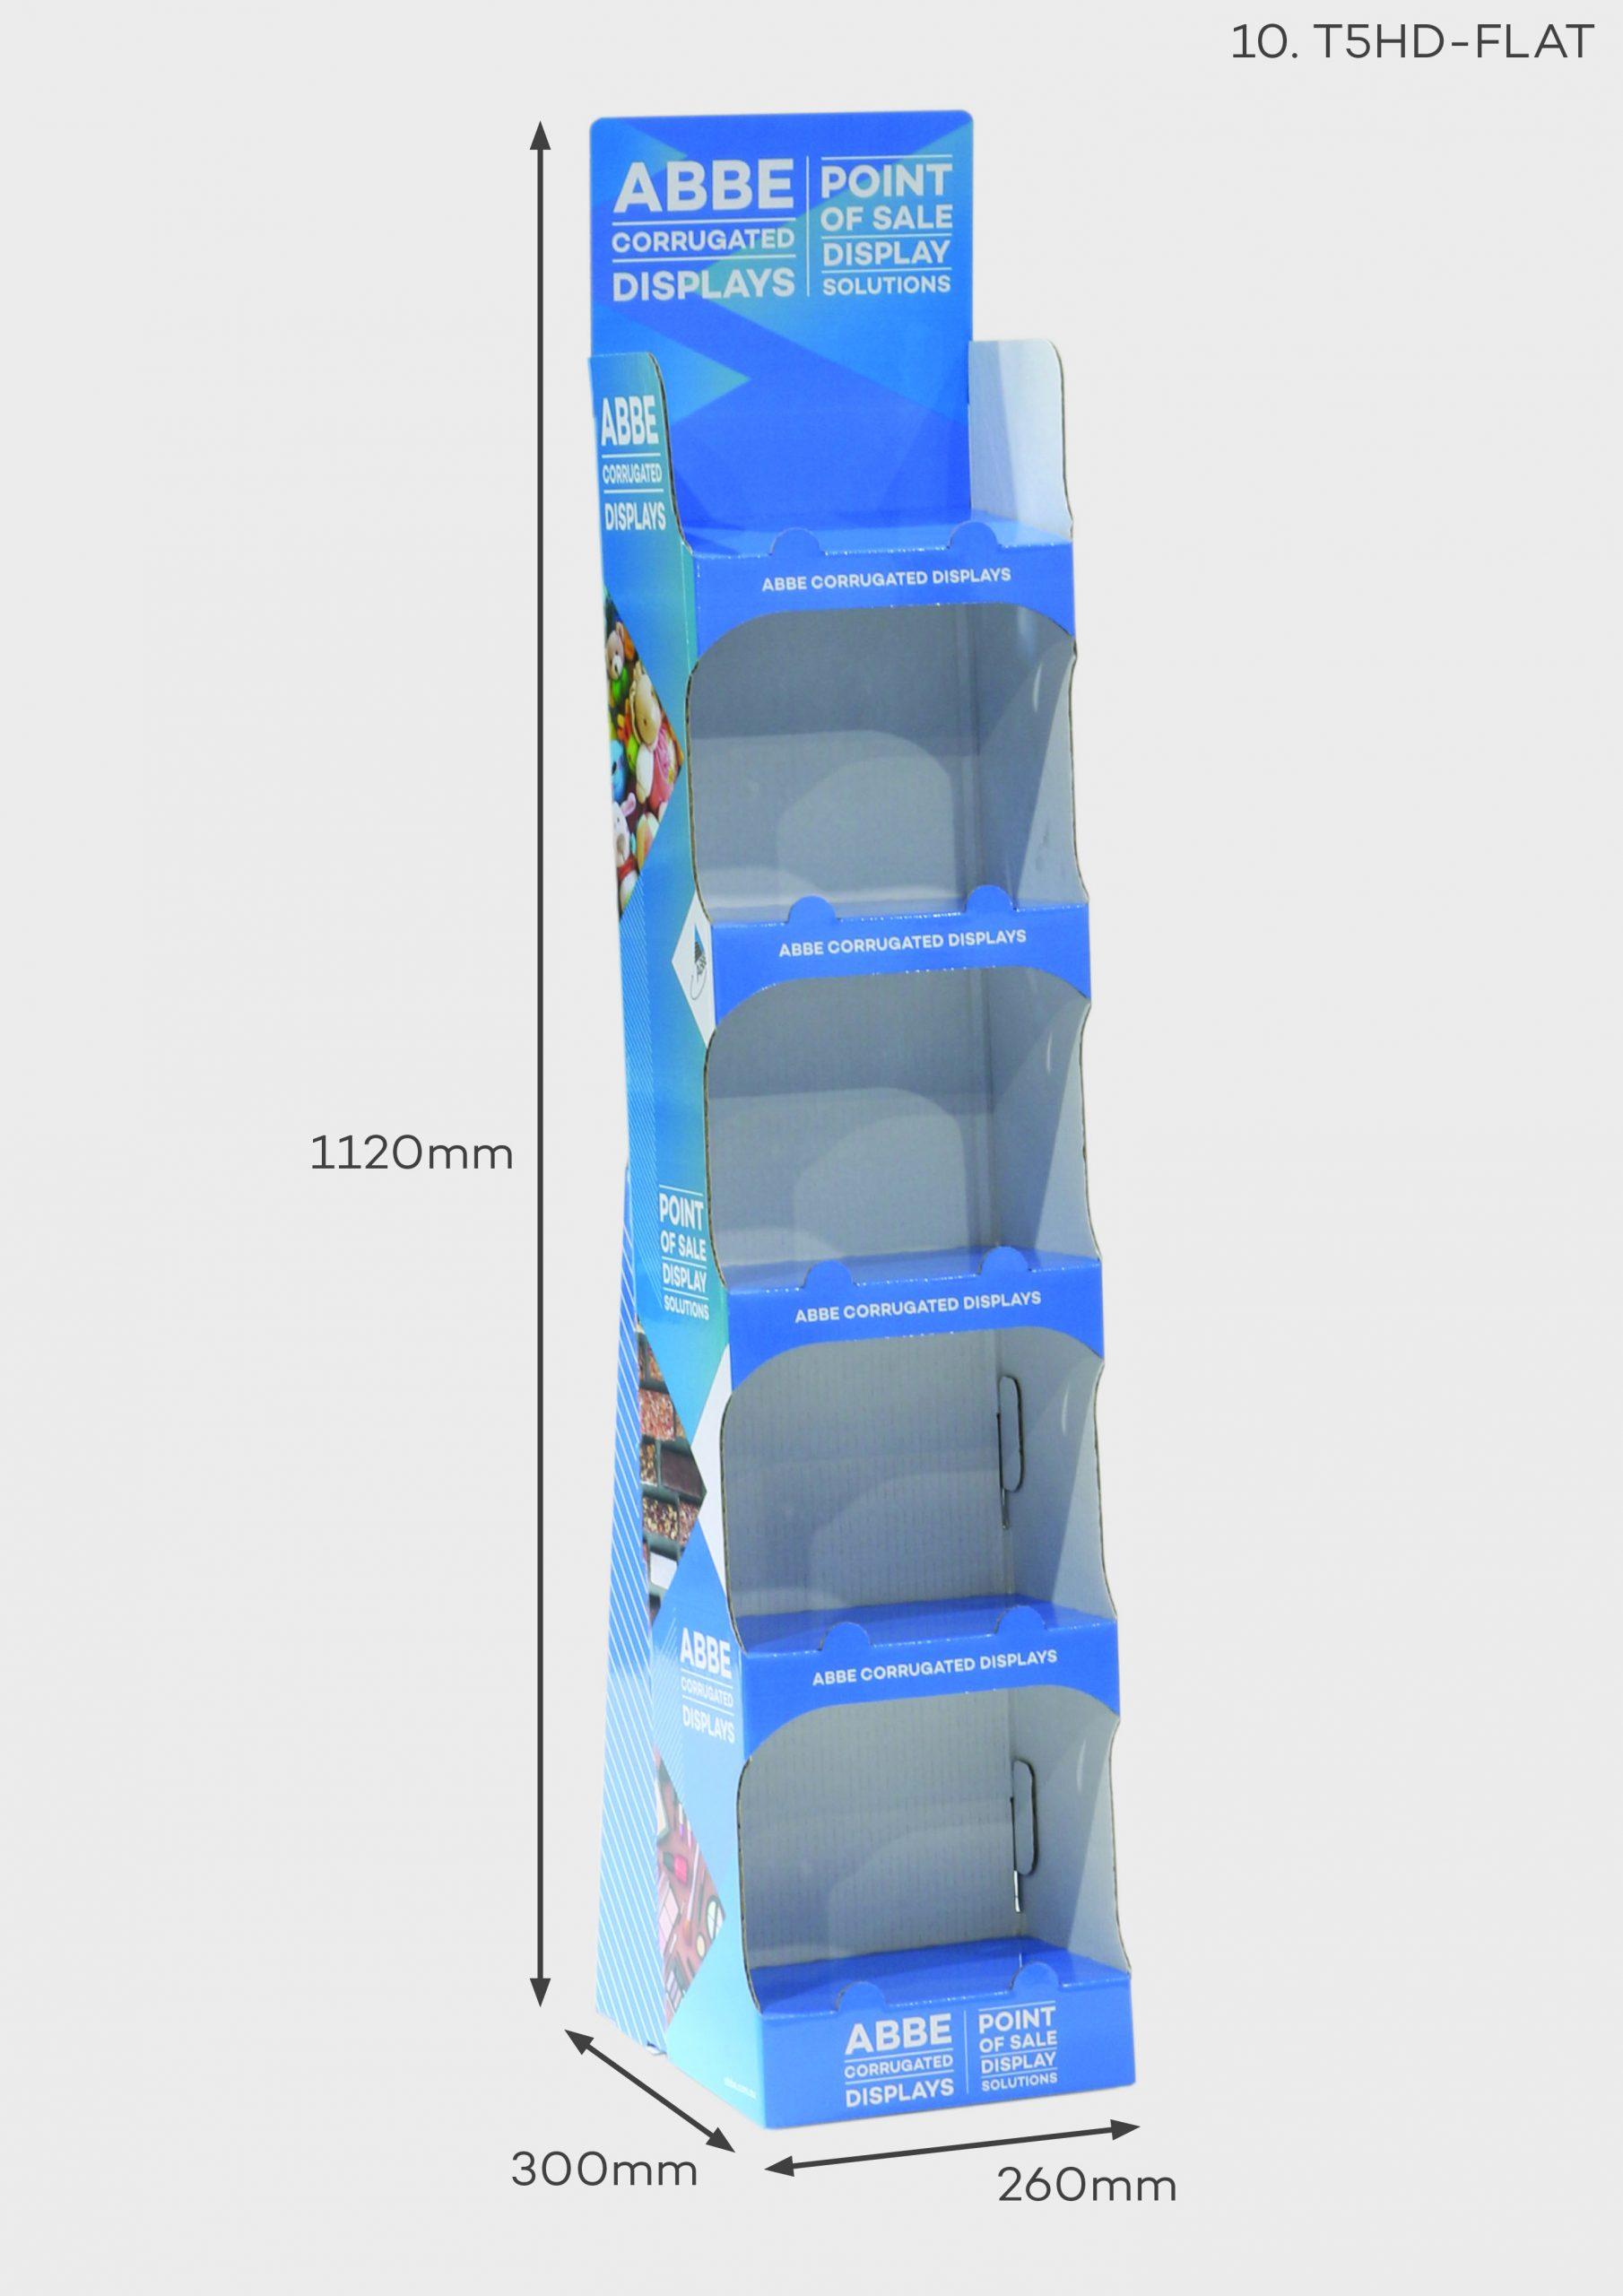 5 Shelf Slimline Display (Ref T5HD-FLAT)